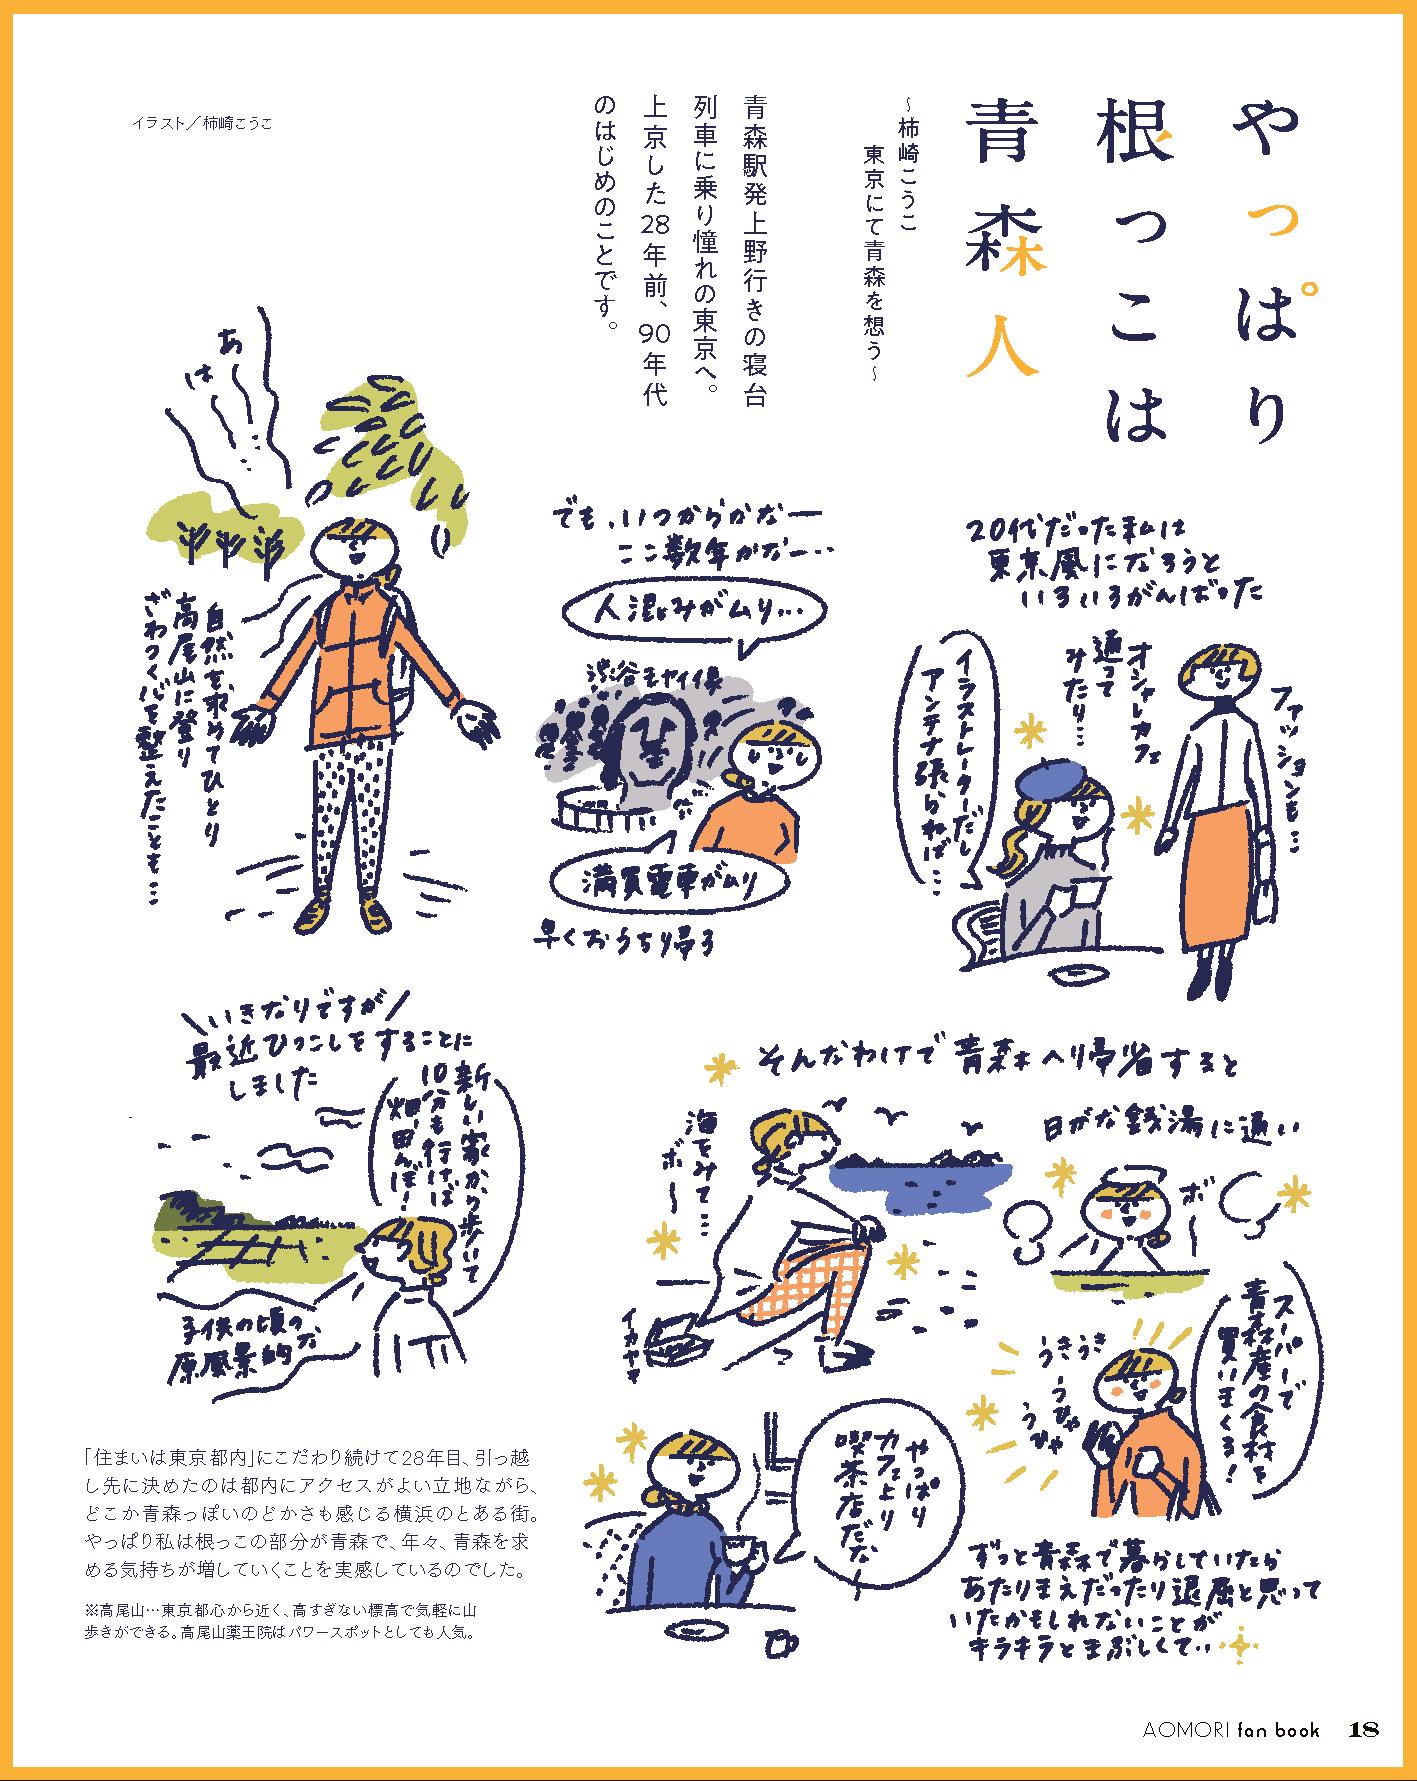 2001あおもりファンブック_17_18